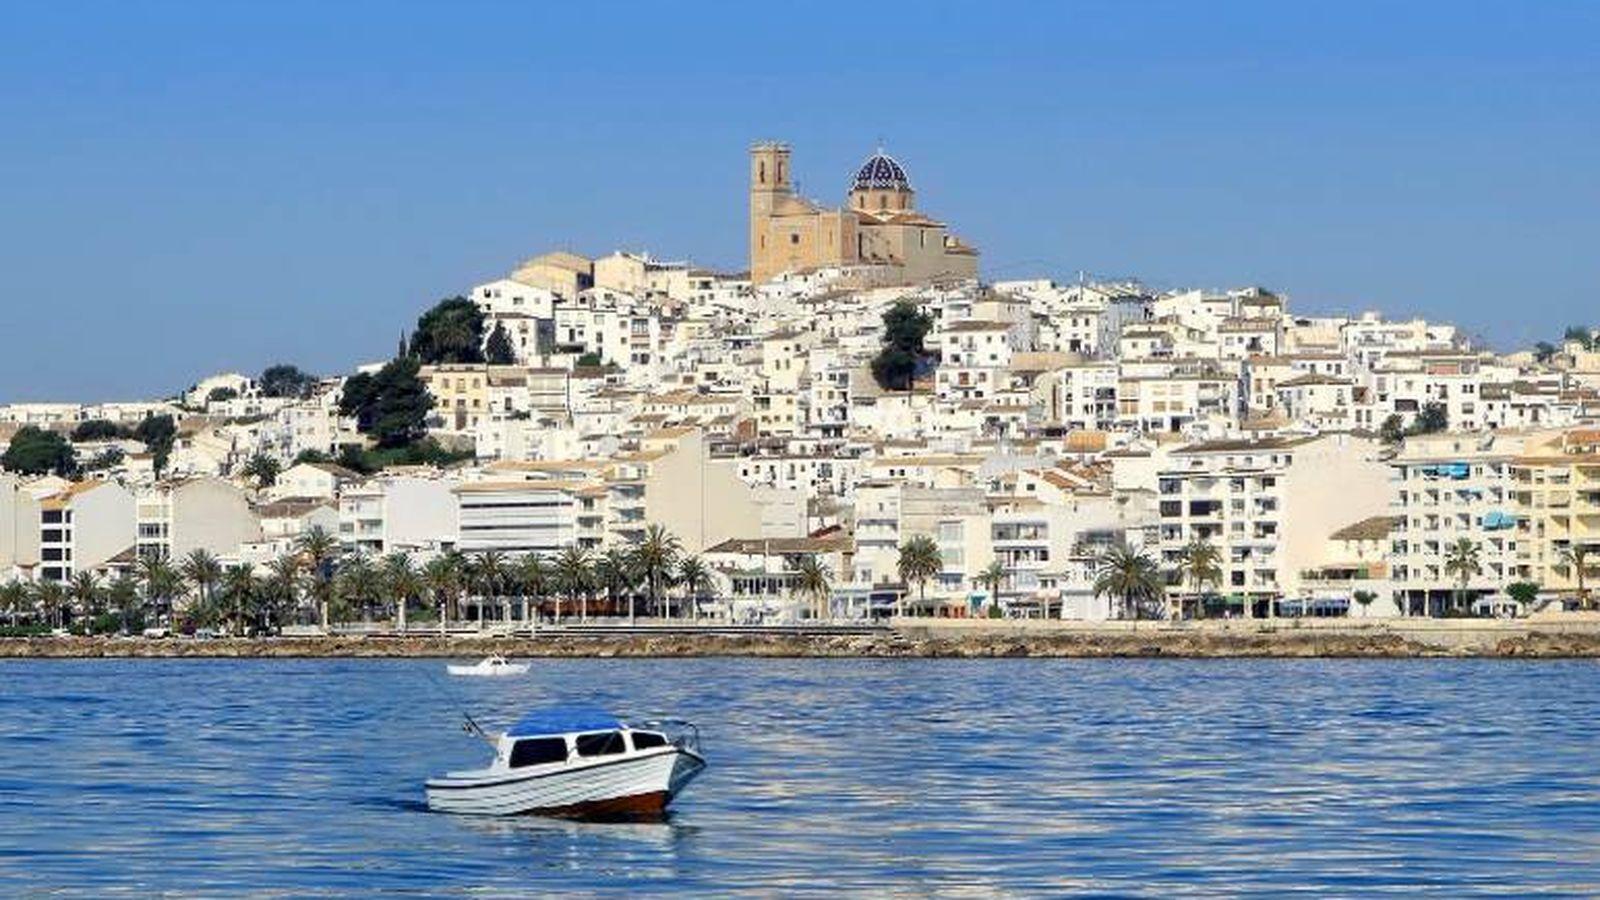 Foto: No está en el mar Egeo, sino en nuestro Mediterráneo: es Altea. (Foto: Hotel Tossal)